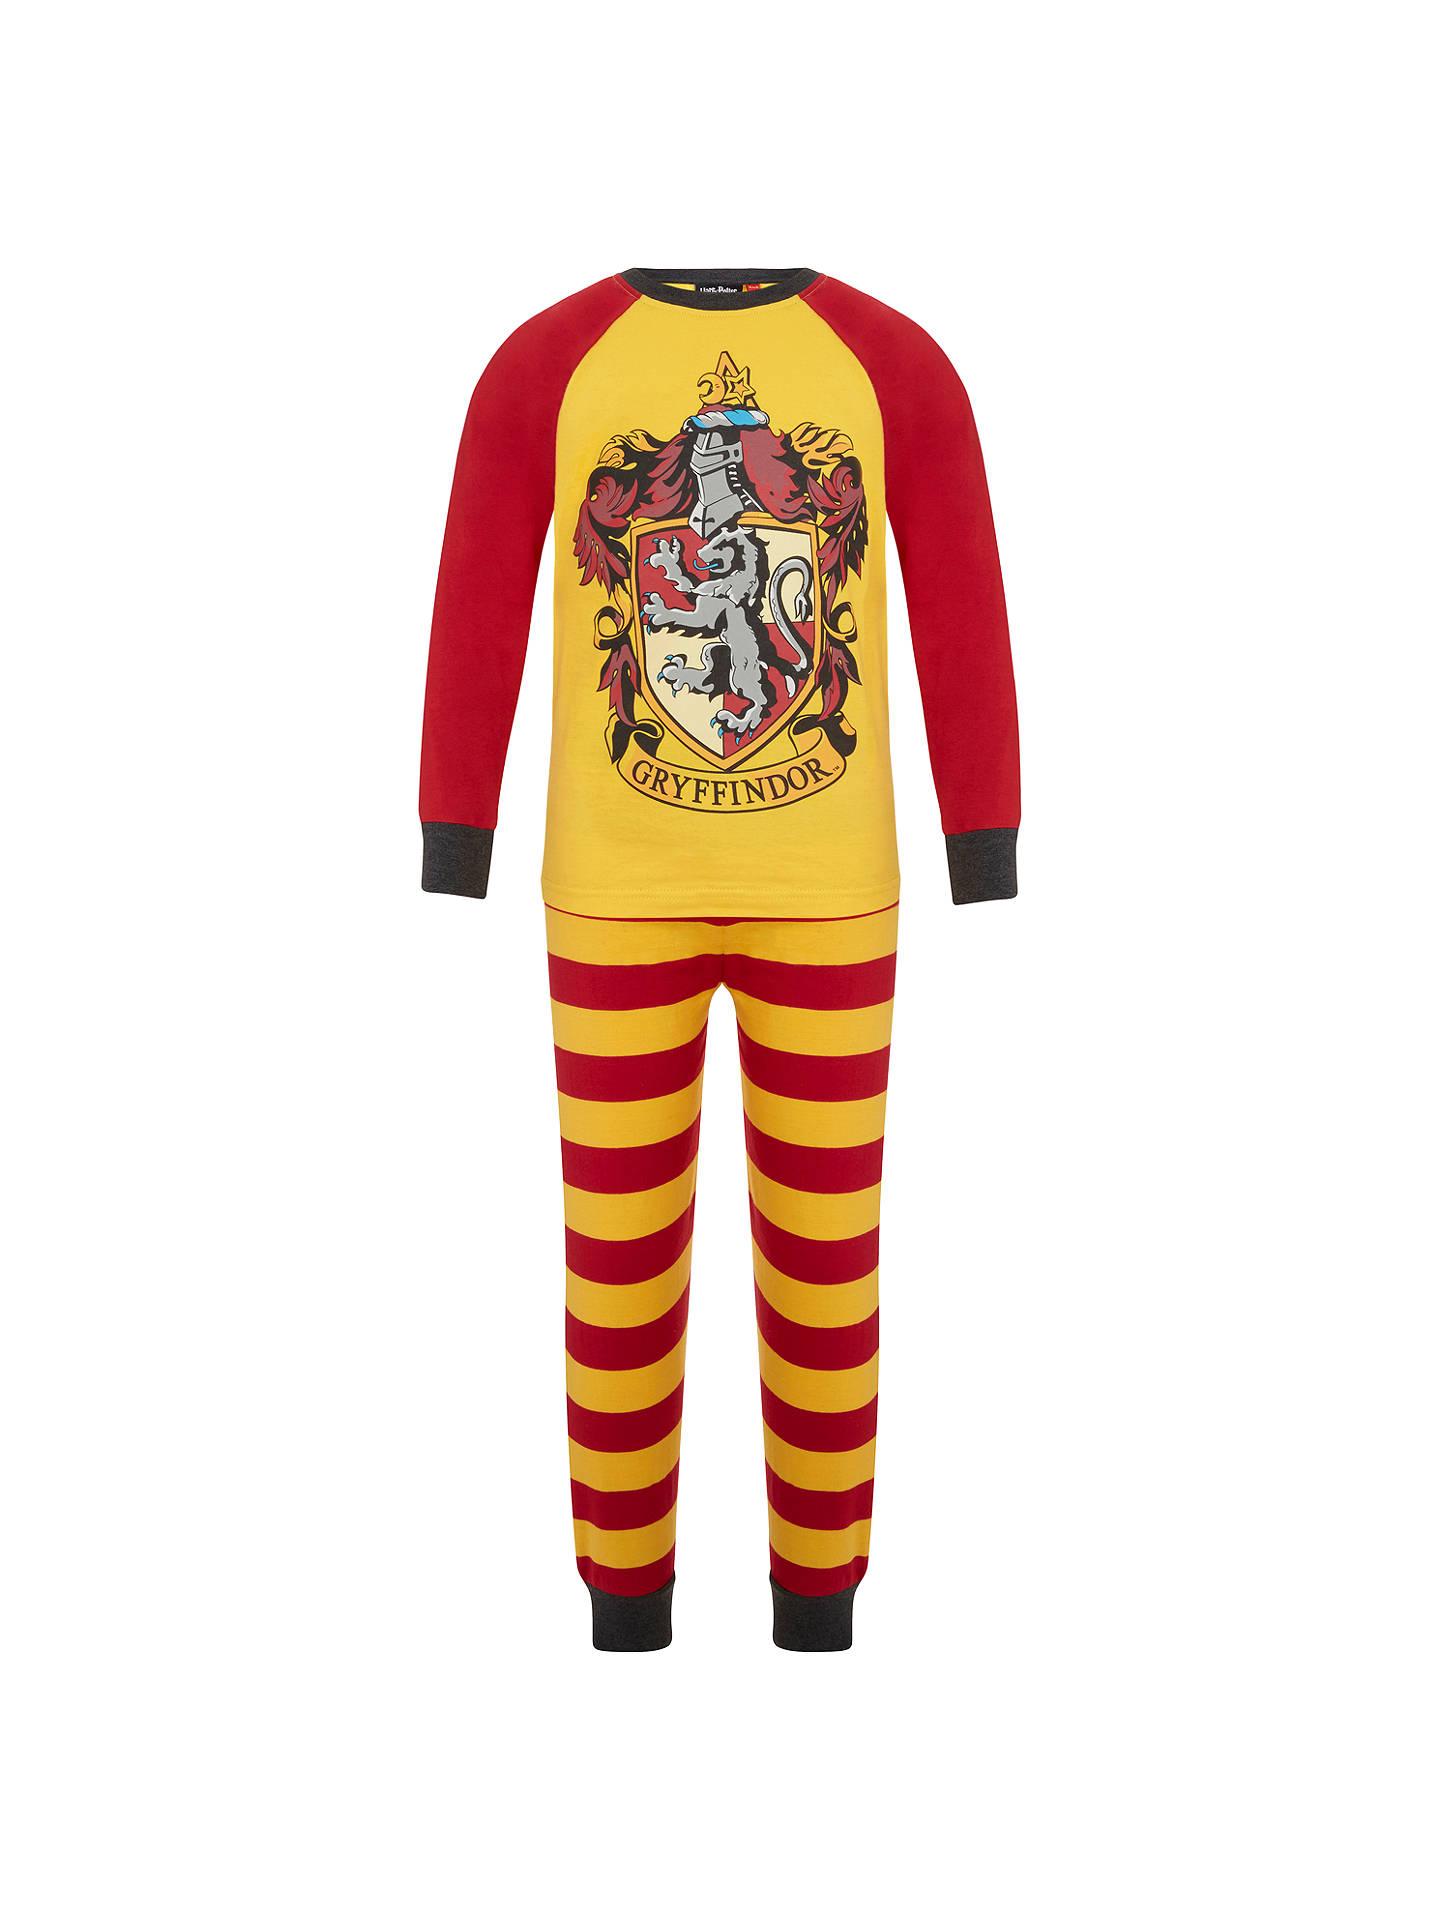 21fcbf56ceaa Harry Potter Children s Gryffindor Pyjamas